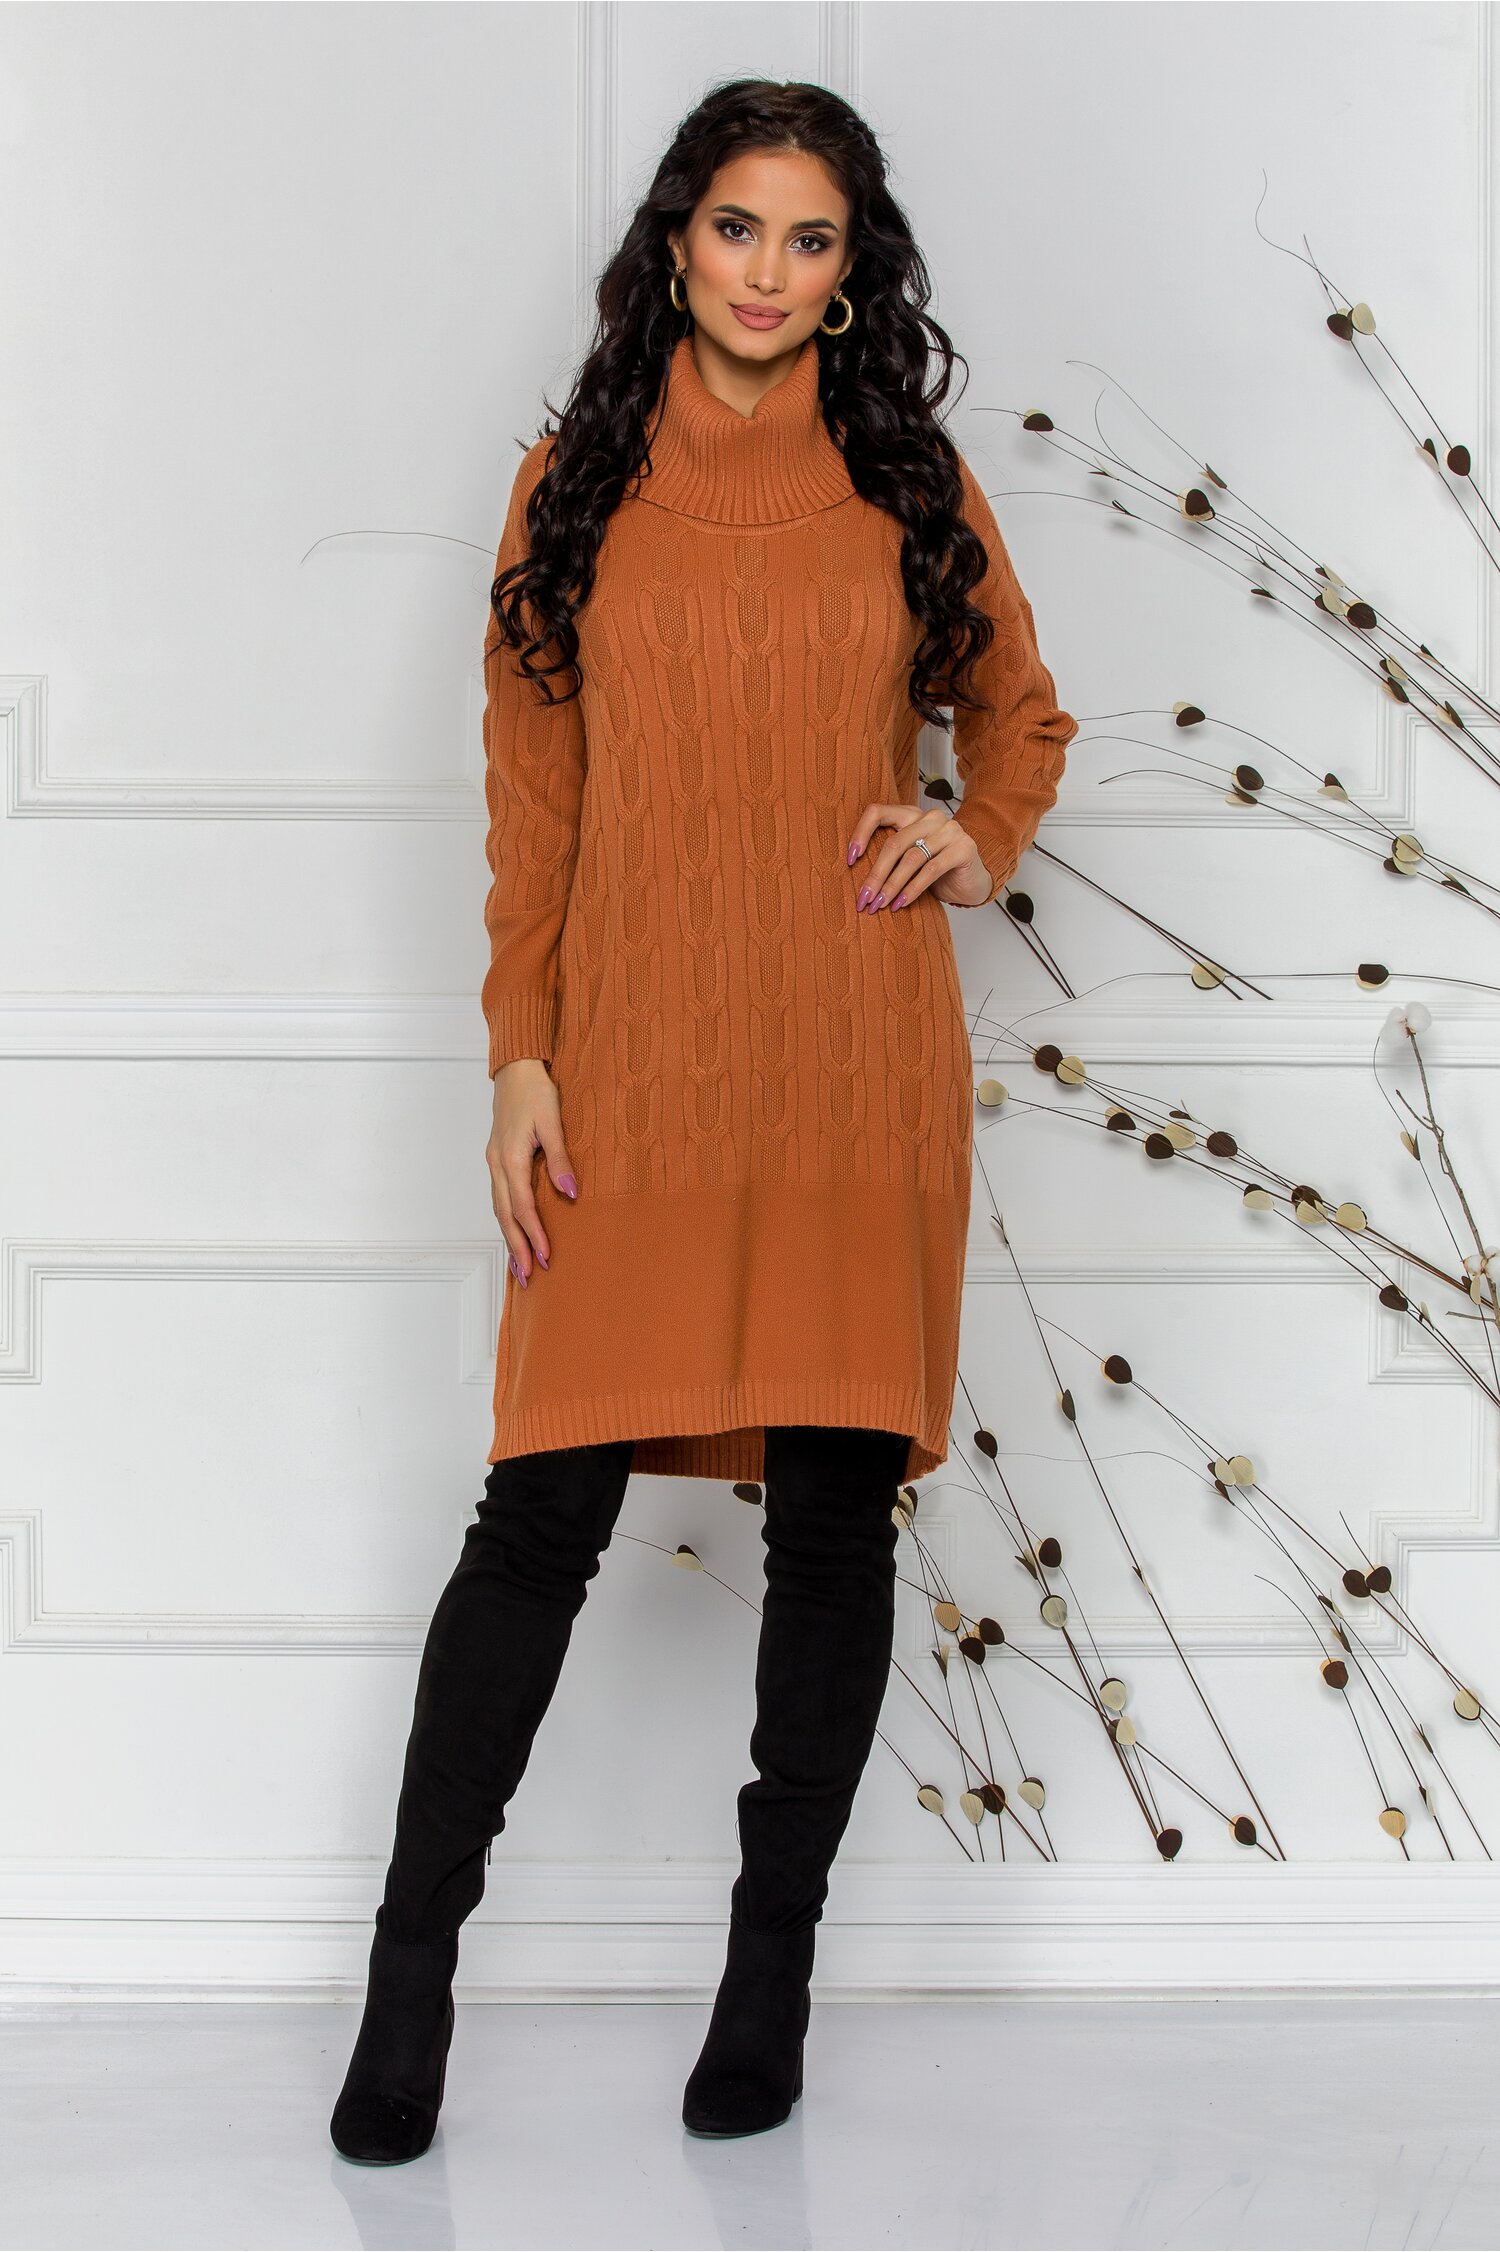 Rochie Melanie caramizie din tricot cu guler inalt